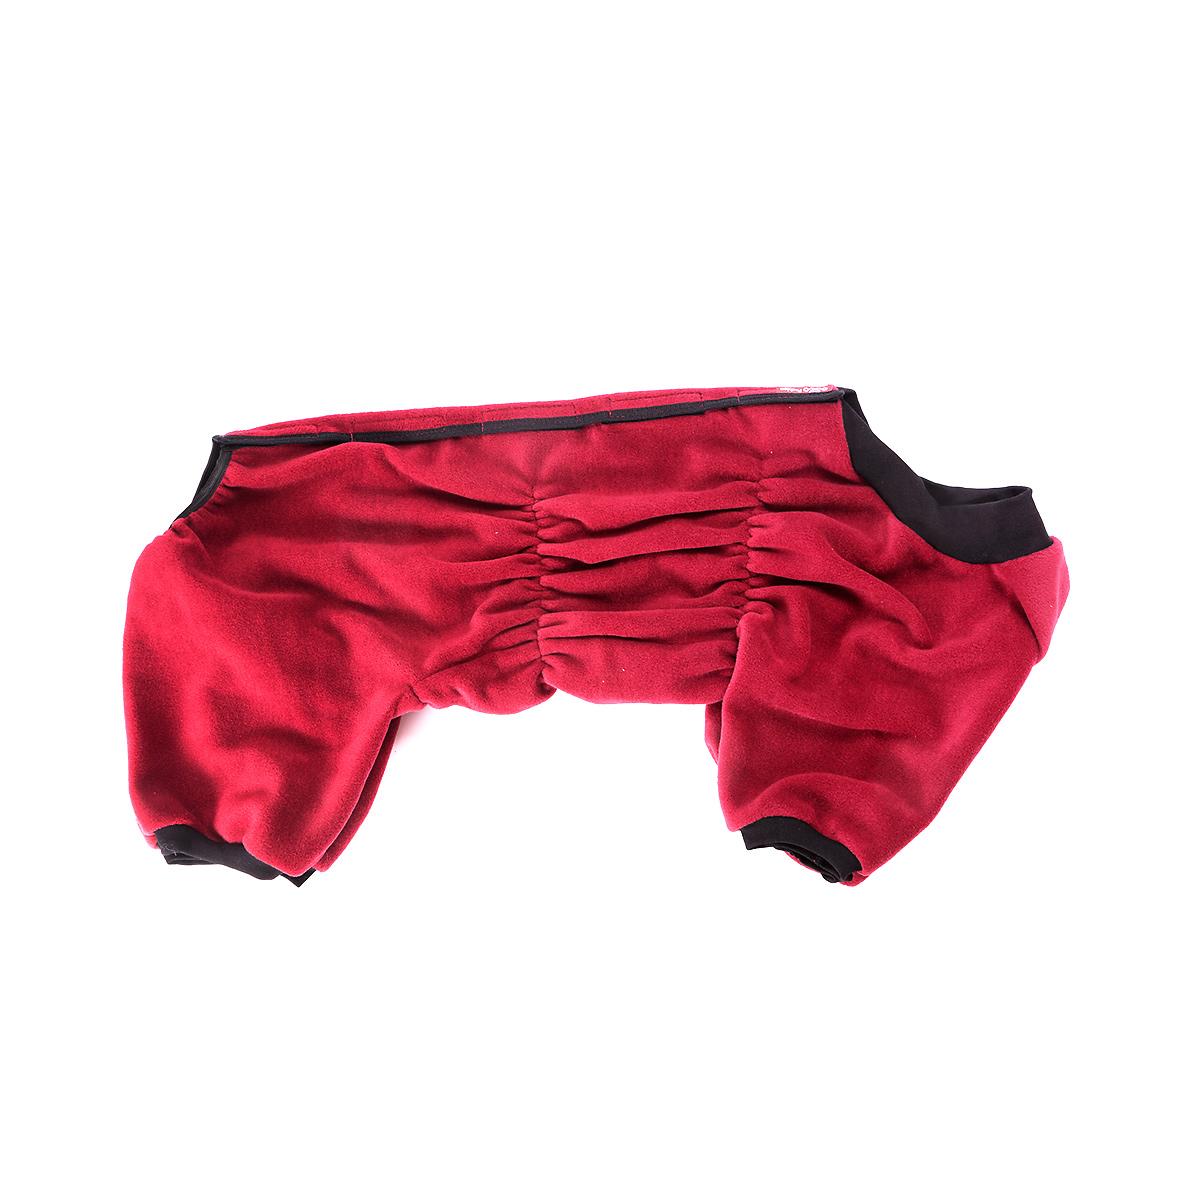 Комбинезон для собак OSSO Fashion, для девочки, цвет: бордовый. Размер 37Кф-1011Комбинезон для собак OSSO Fashion выполнен из флиса. Комфортная посадка по корпусу достигается за счет резинок-утяжек под грудью и животом. На воротнике имеются завязки, для дополнительной фиксации. Можно носить самостоятельно и как поддевку под комбинезон для собак. Изделие отлично стирается, быстро сохнет. Длина спинки: 37 см. Объем груди: 50-60 см.